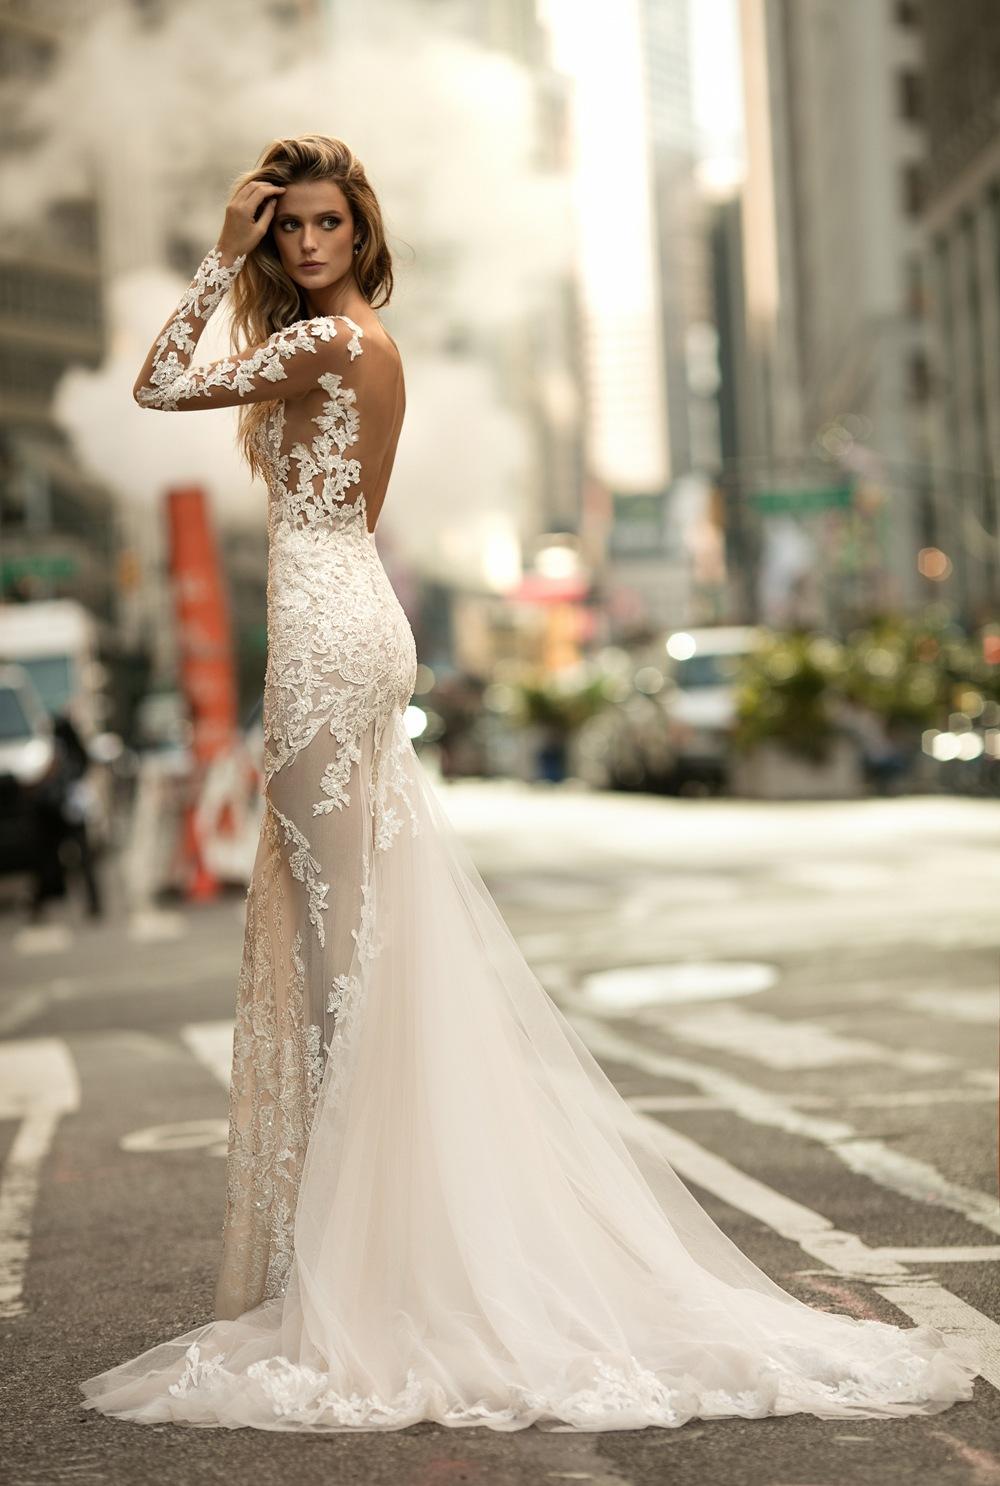 Sexy Brautkleid von Berta Bridal Kollektion 2017 mit Spitzenärmeln und langem Rock